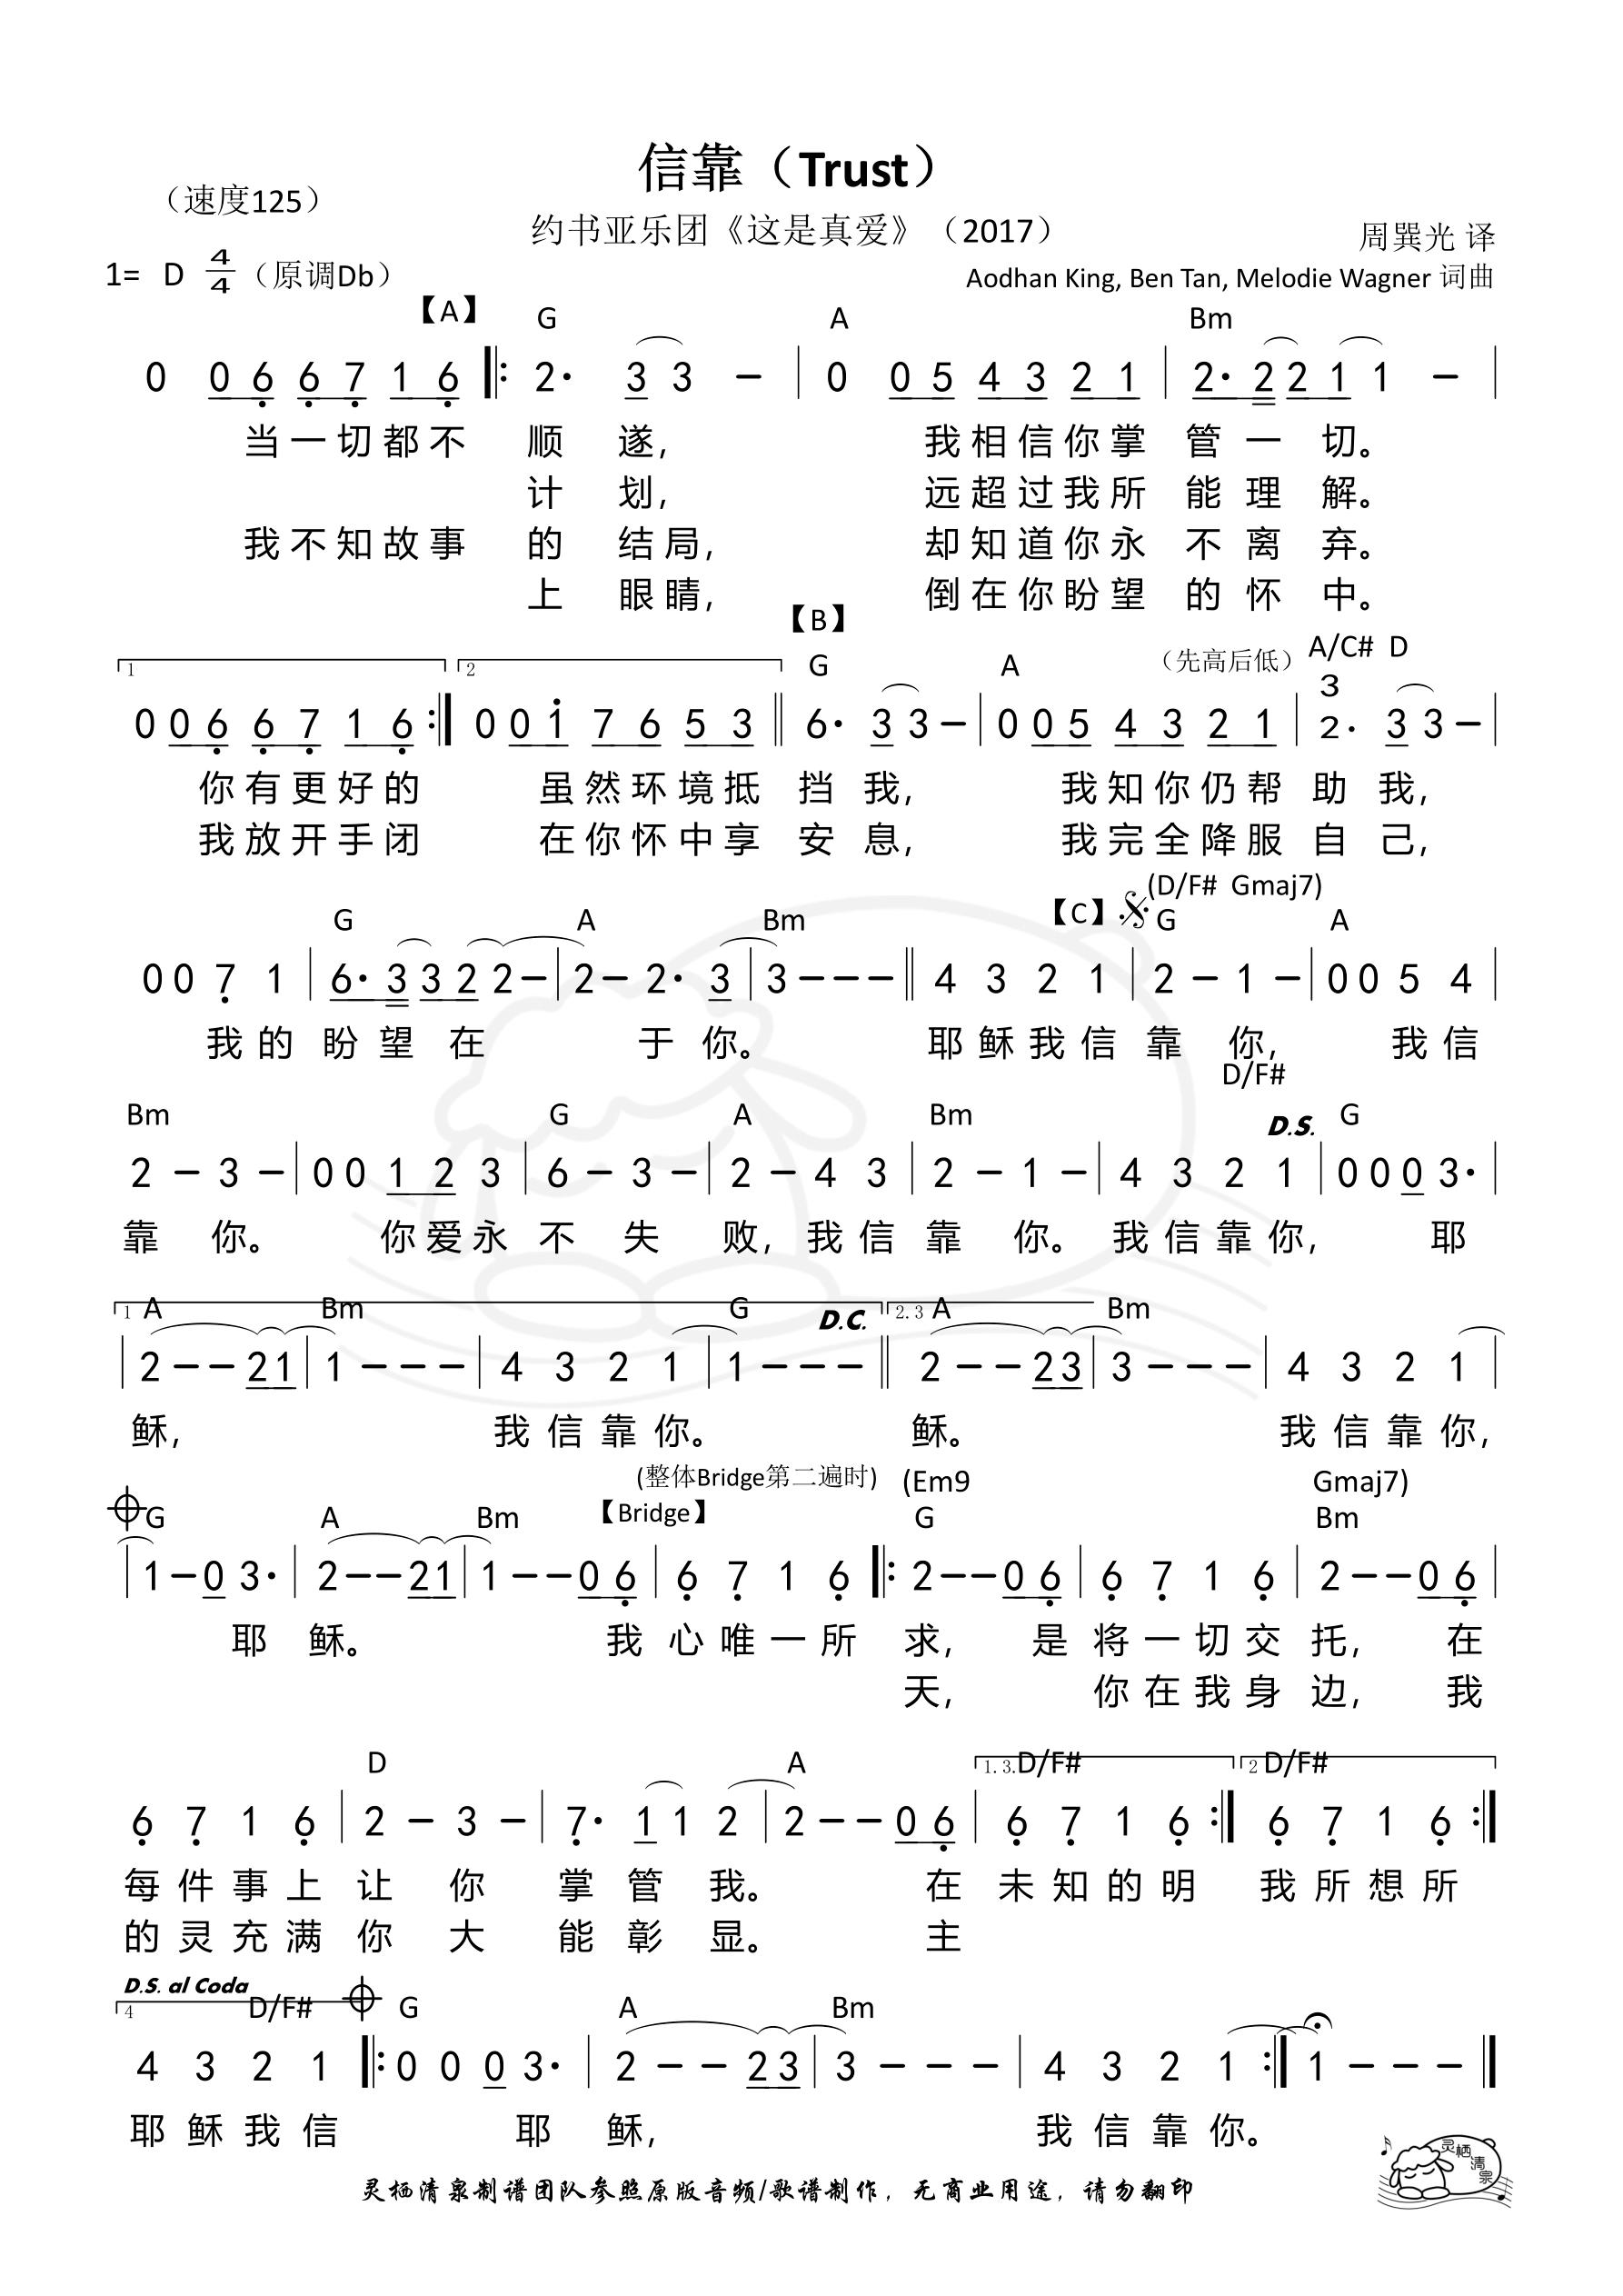 《第163首 - 信靠(Trust) 和弦简谱》